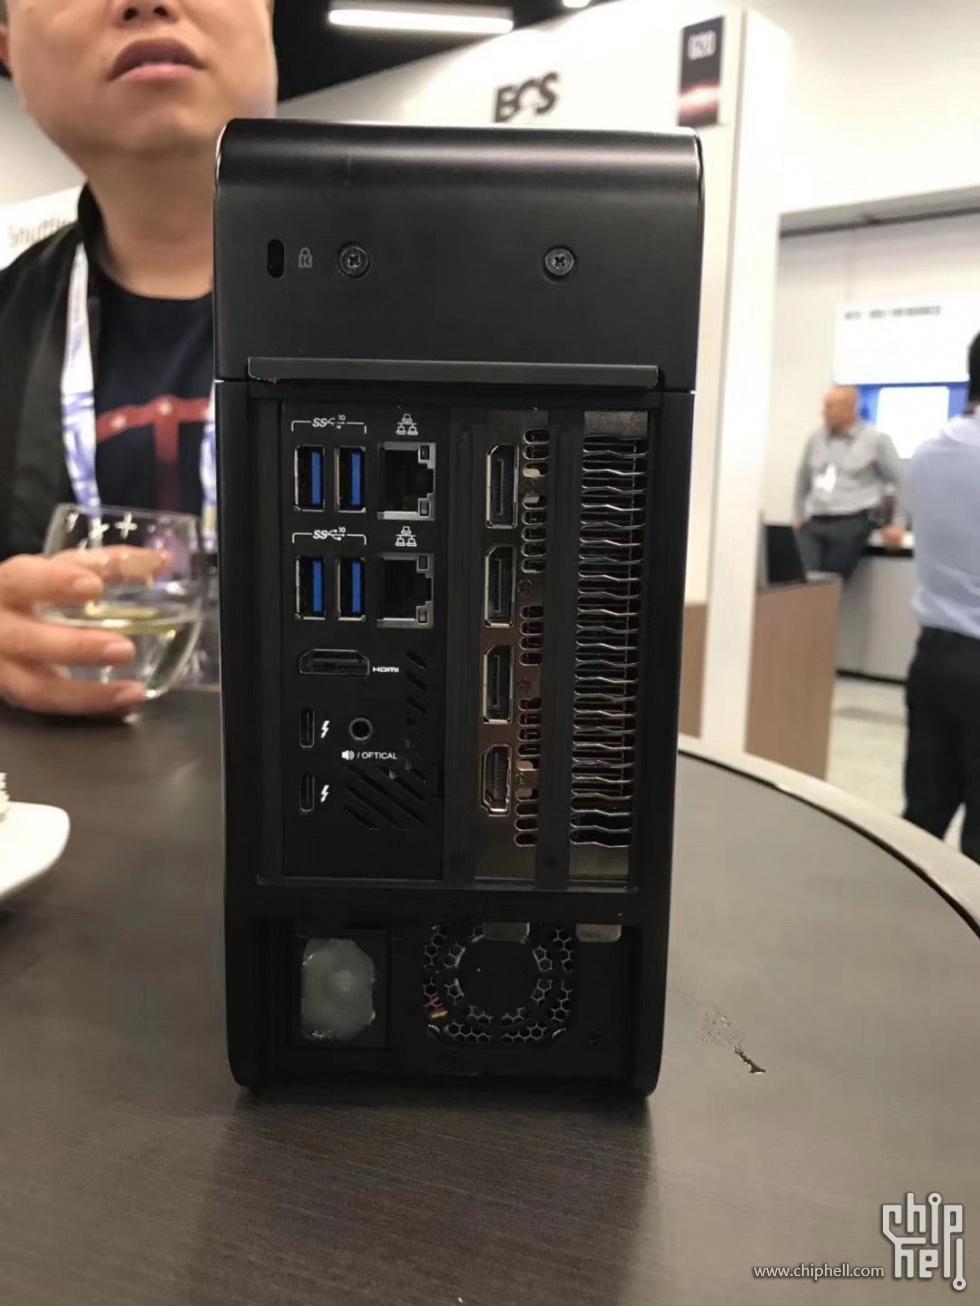 Intel Quartz Canyon NUC görüntülendi: 8 çekirdek işlemcili iş istasyonu